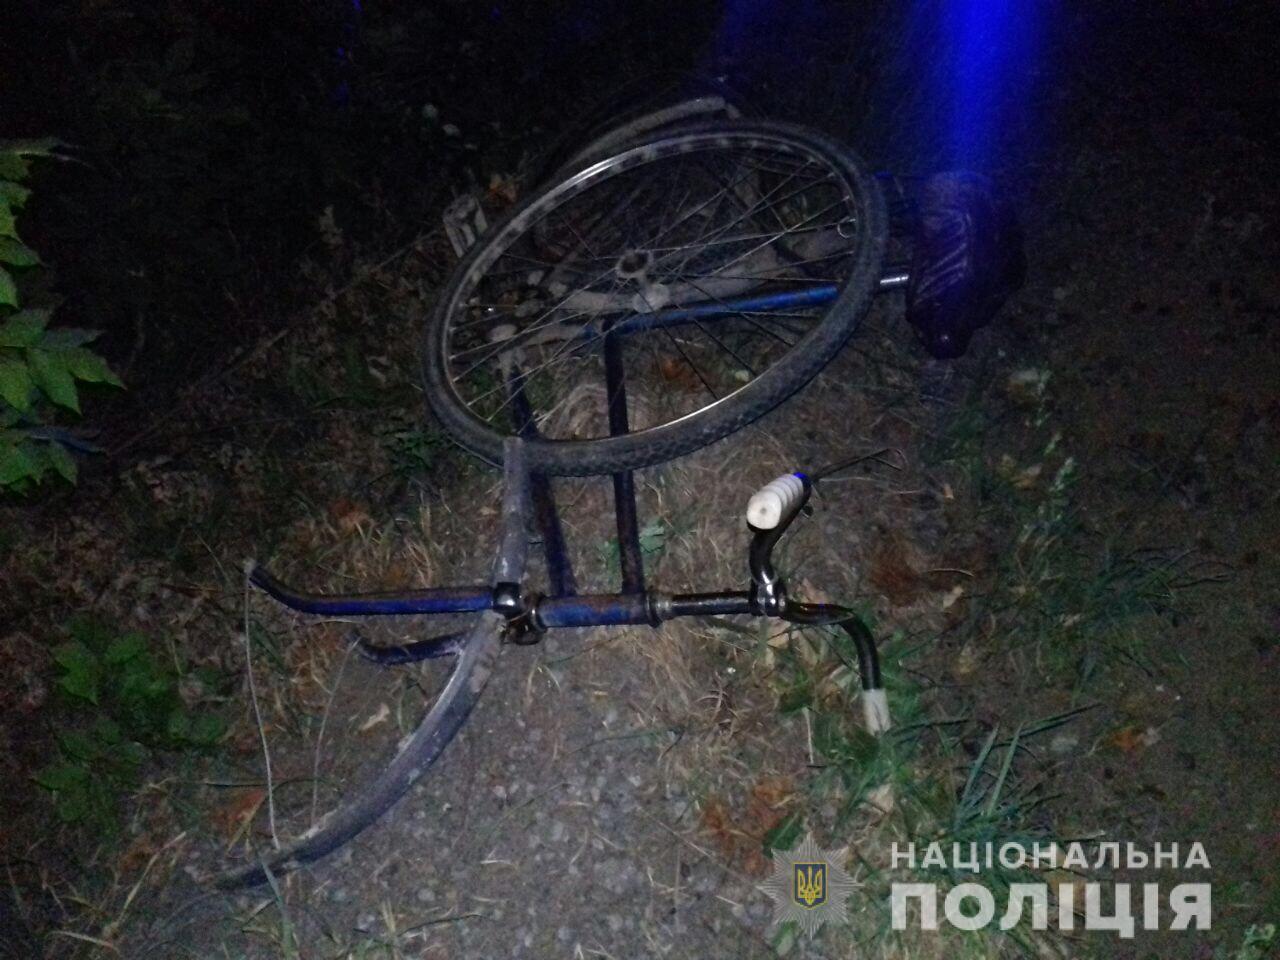 Вночі у селі Фанчиково сталася аварія